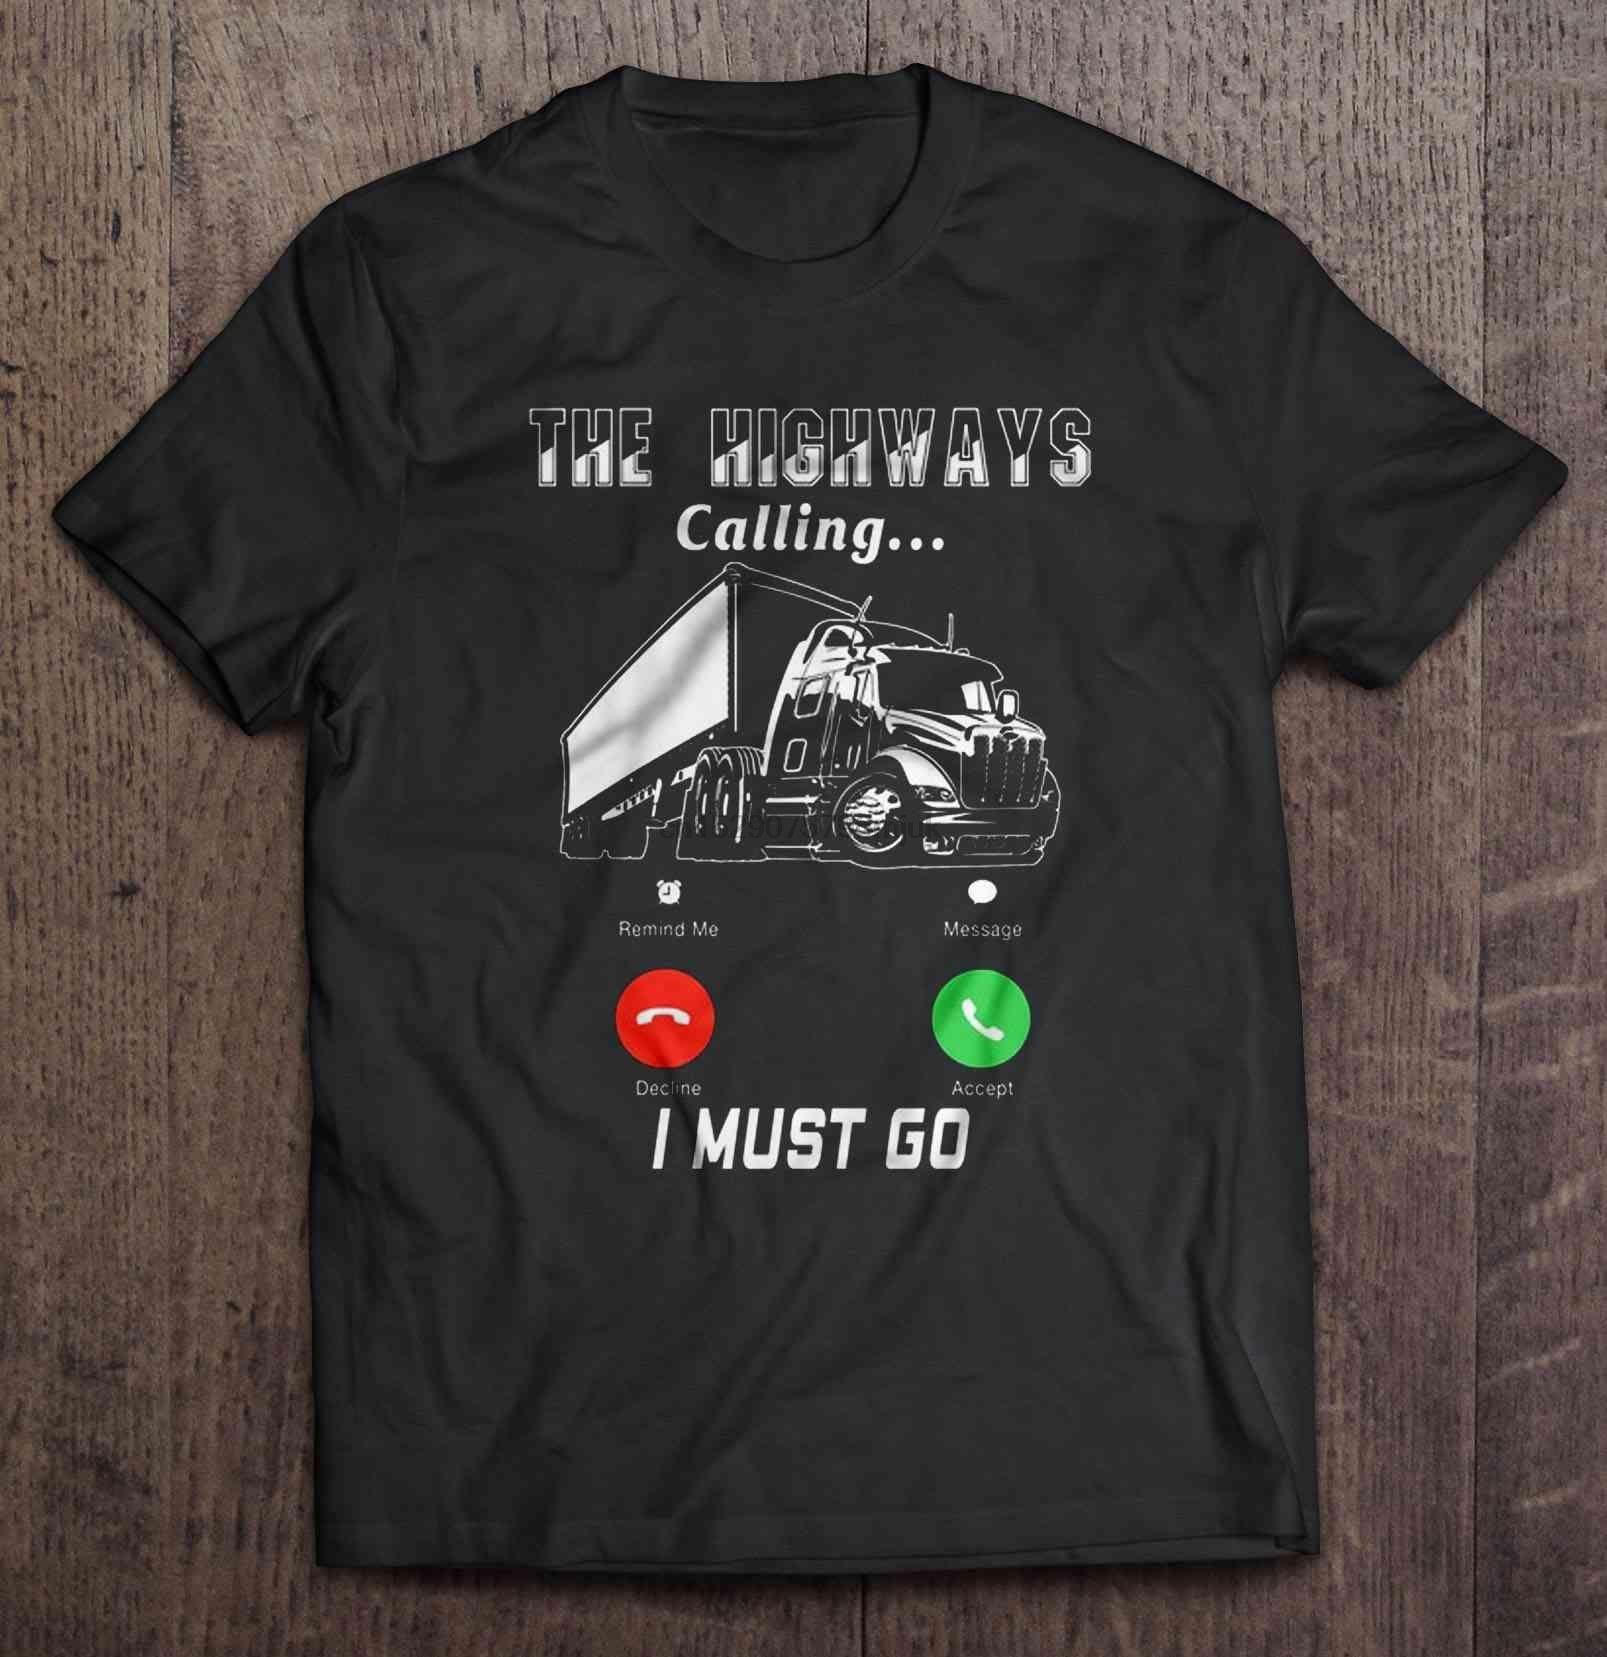 Erkekler t shirt Zorunlu muyum Git -Trucker Kadınlar tişört çağrılması Karayolları